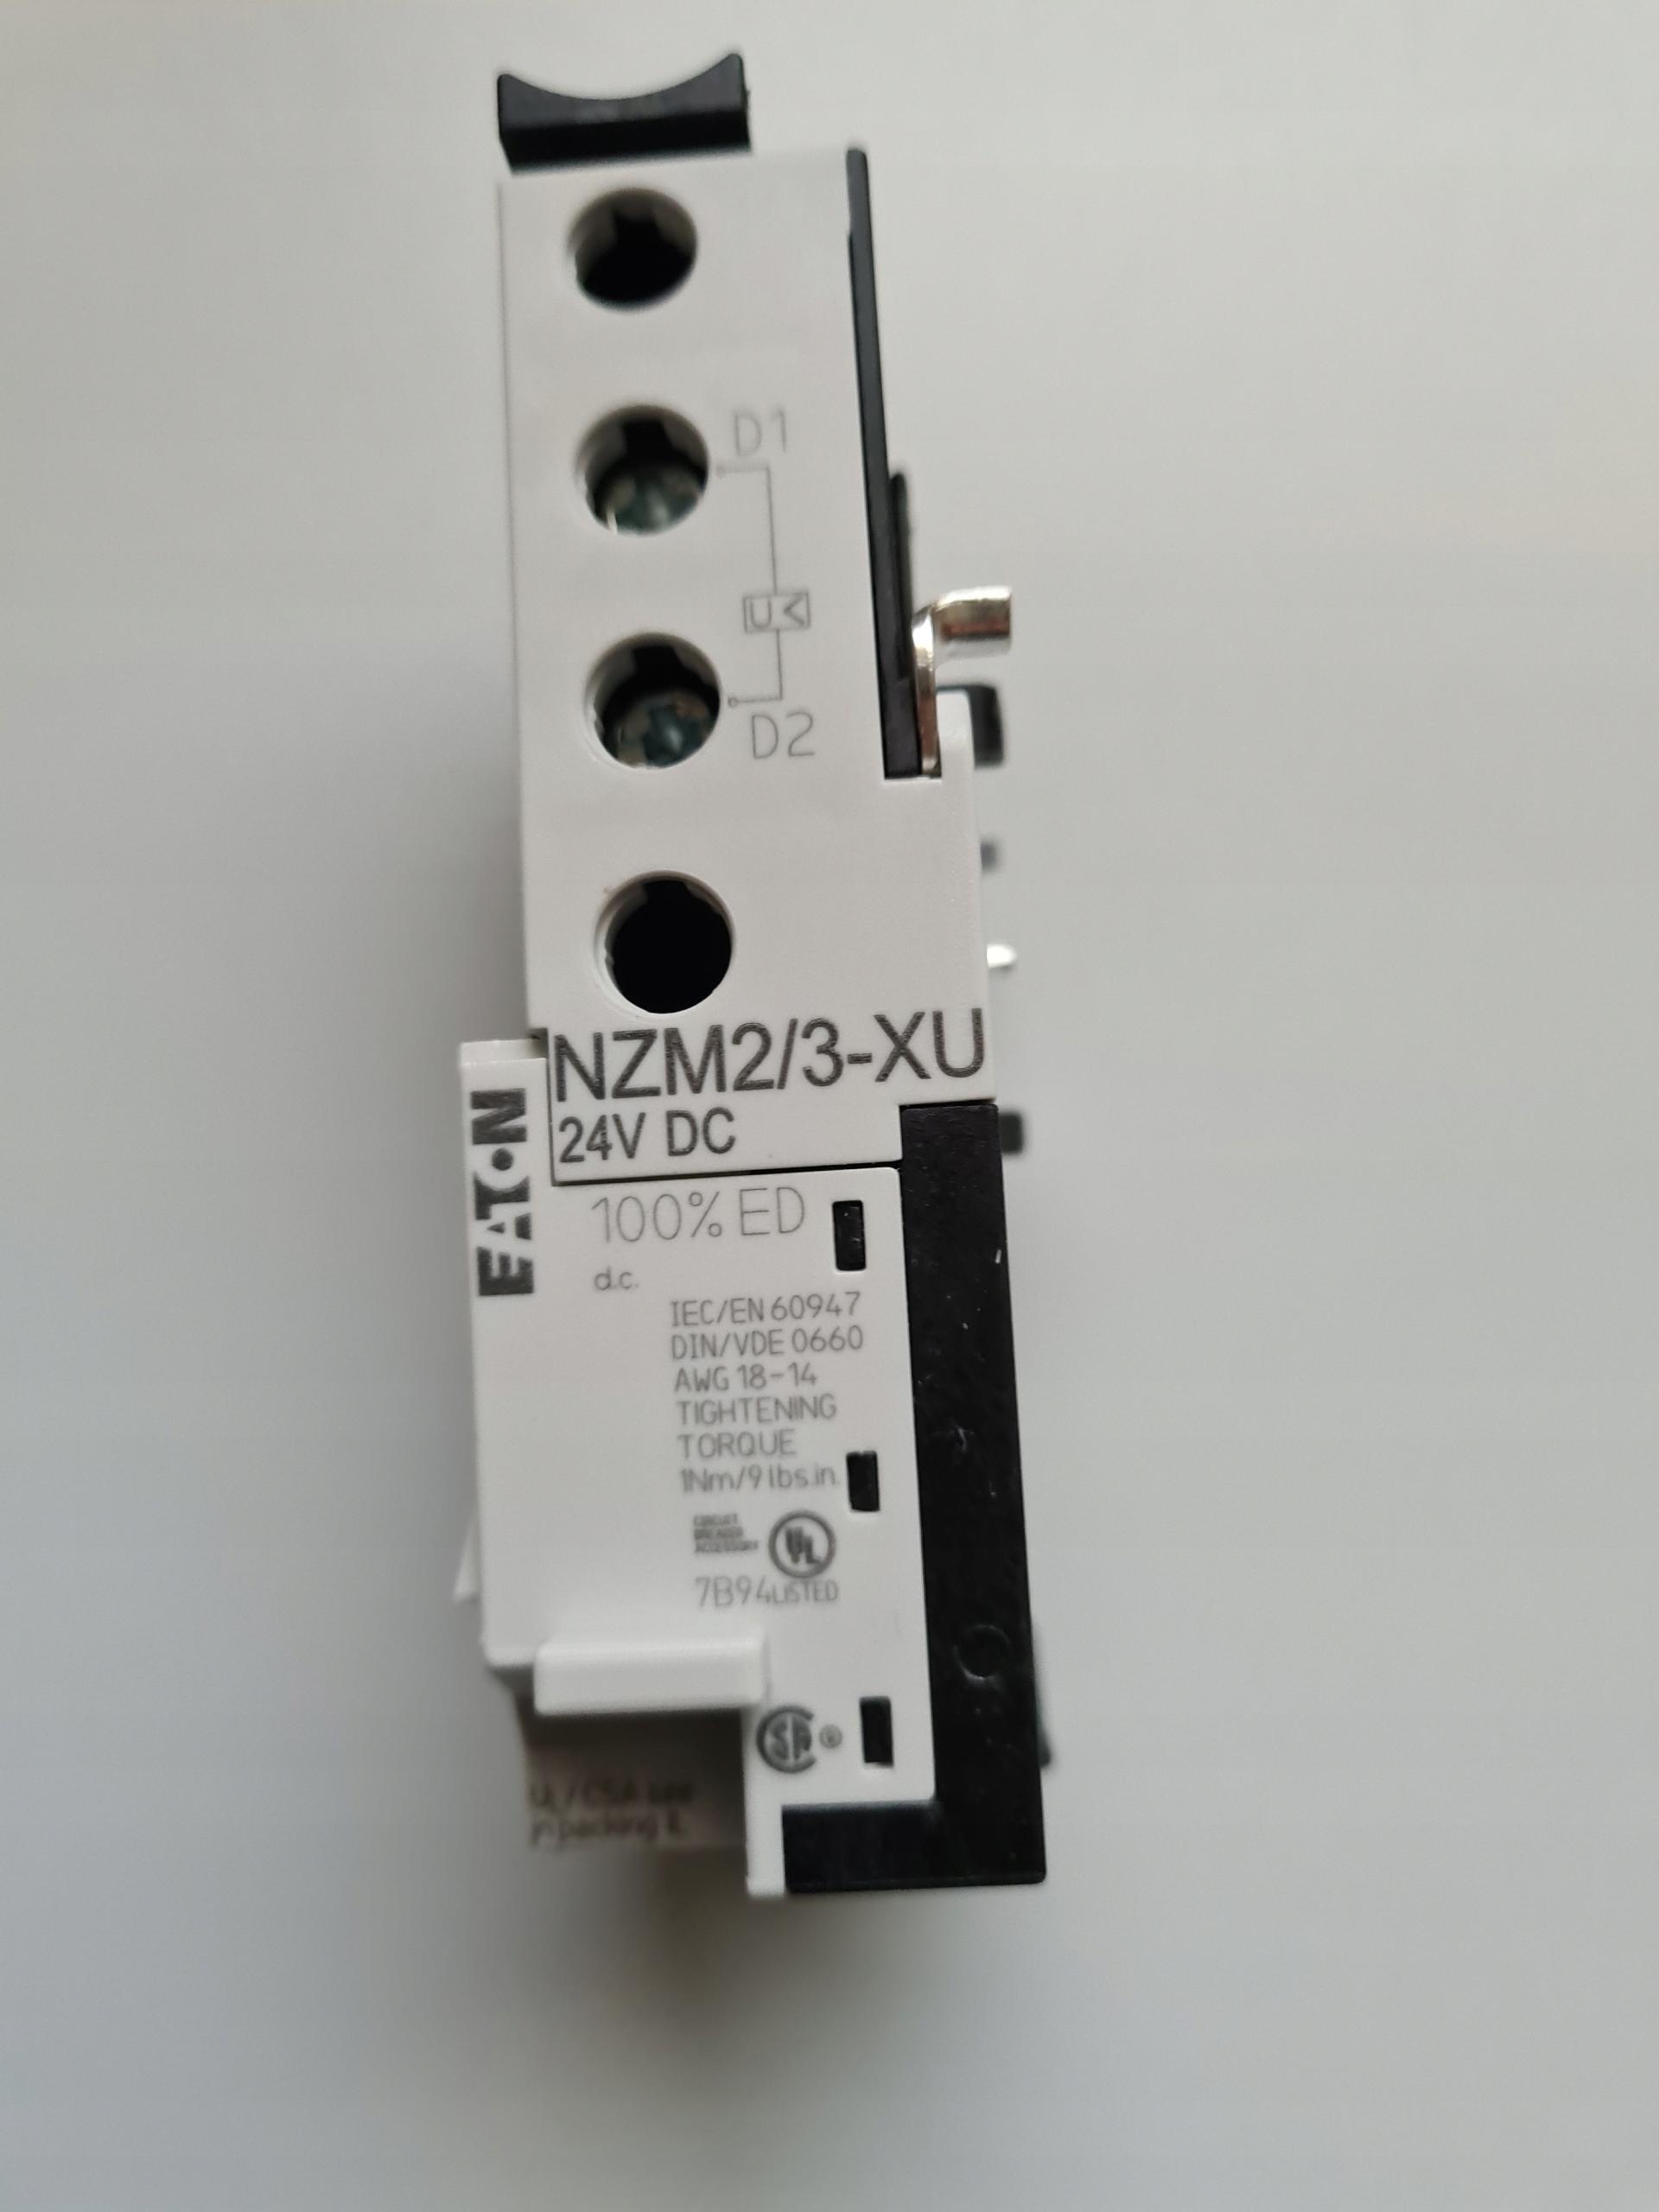 Расцепитель минимального напряжения 24 В постоянного тока Eaton NZM2 / 3-XU24DC